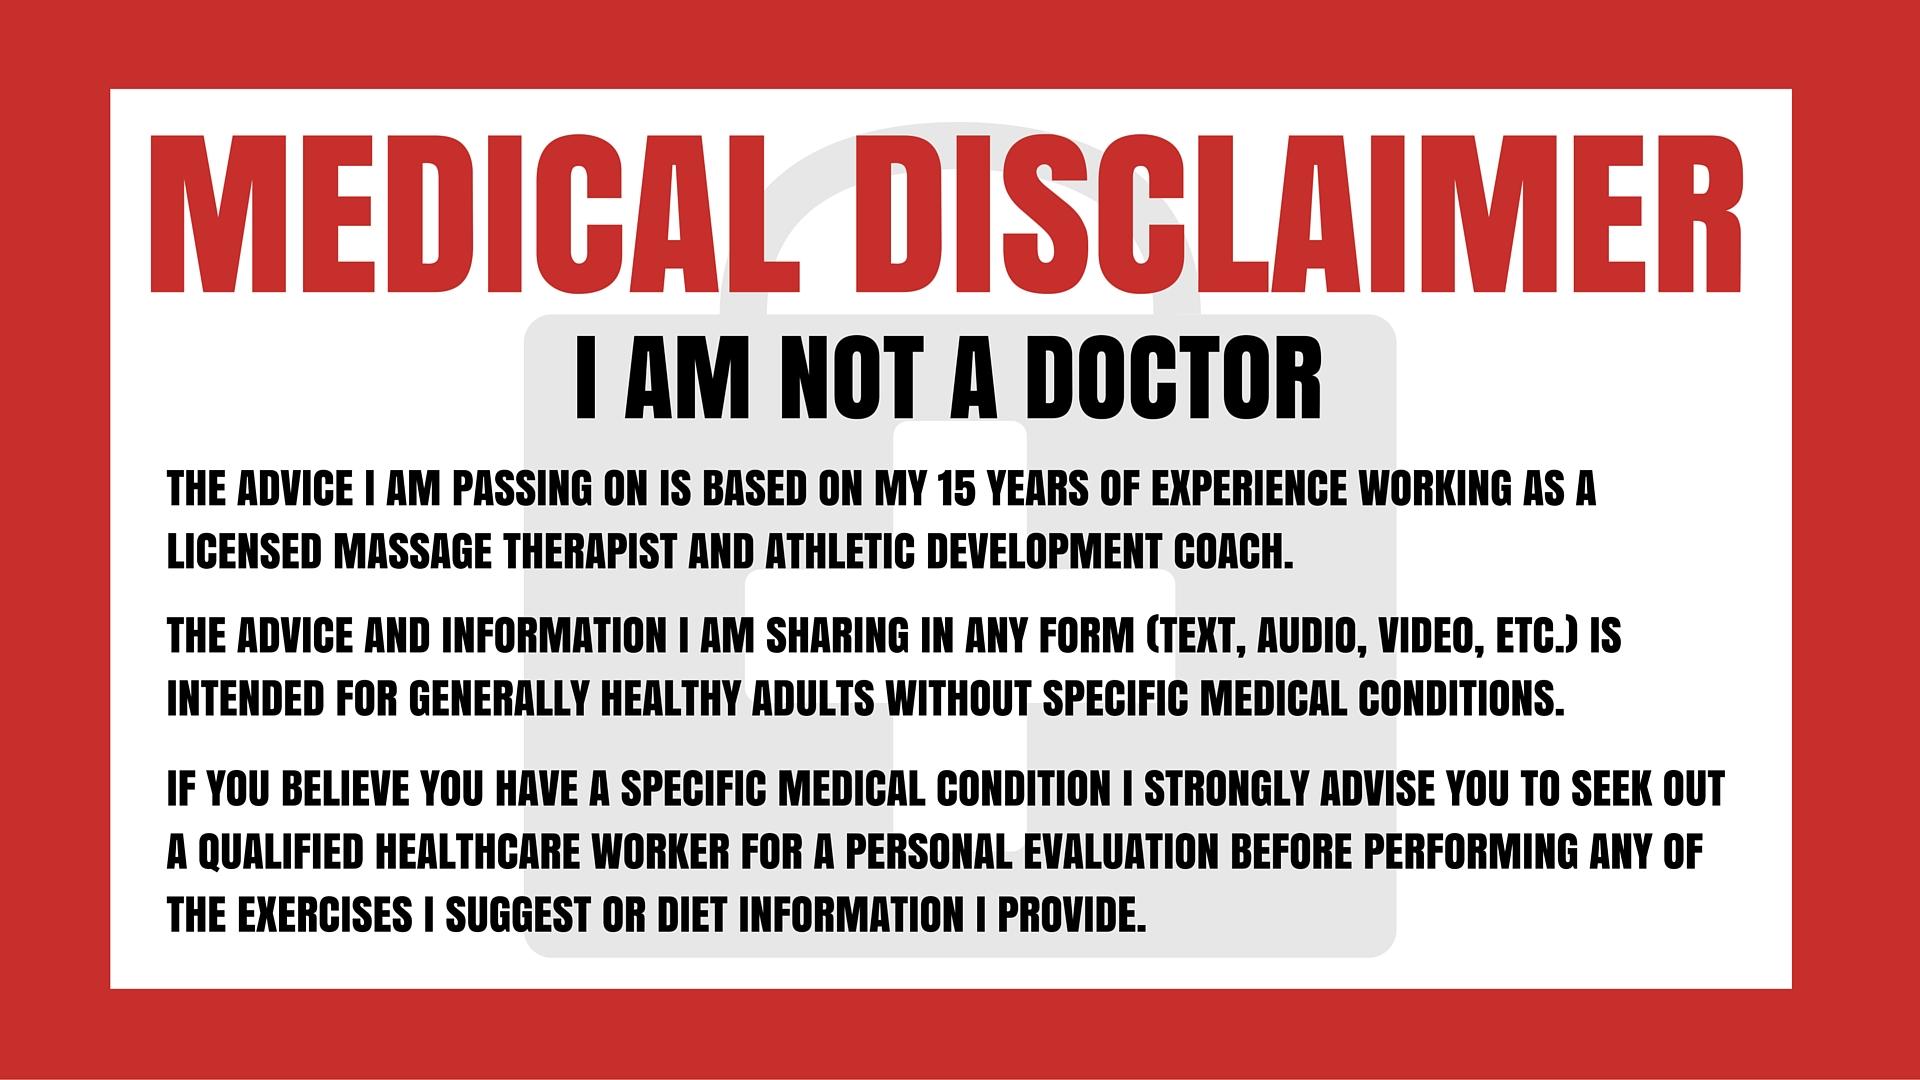 Medical Disclaimer - 1